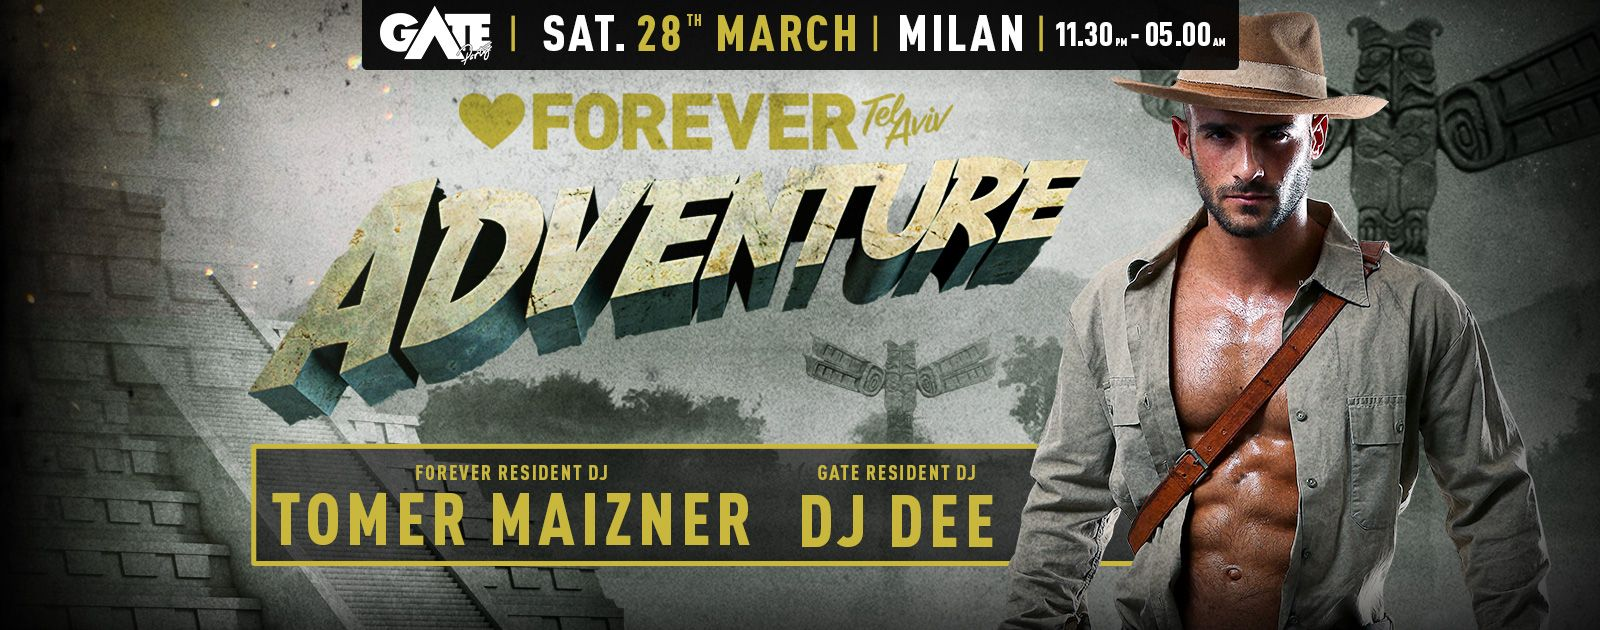 Forever Tel Aviv Milano